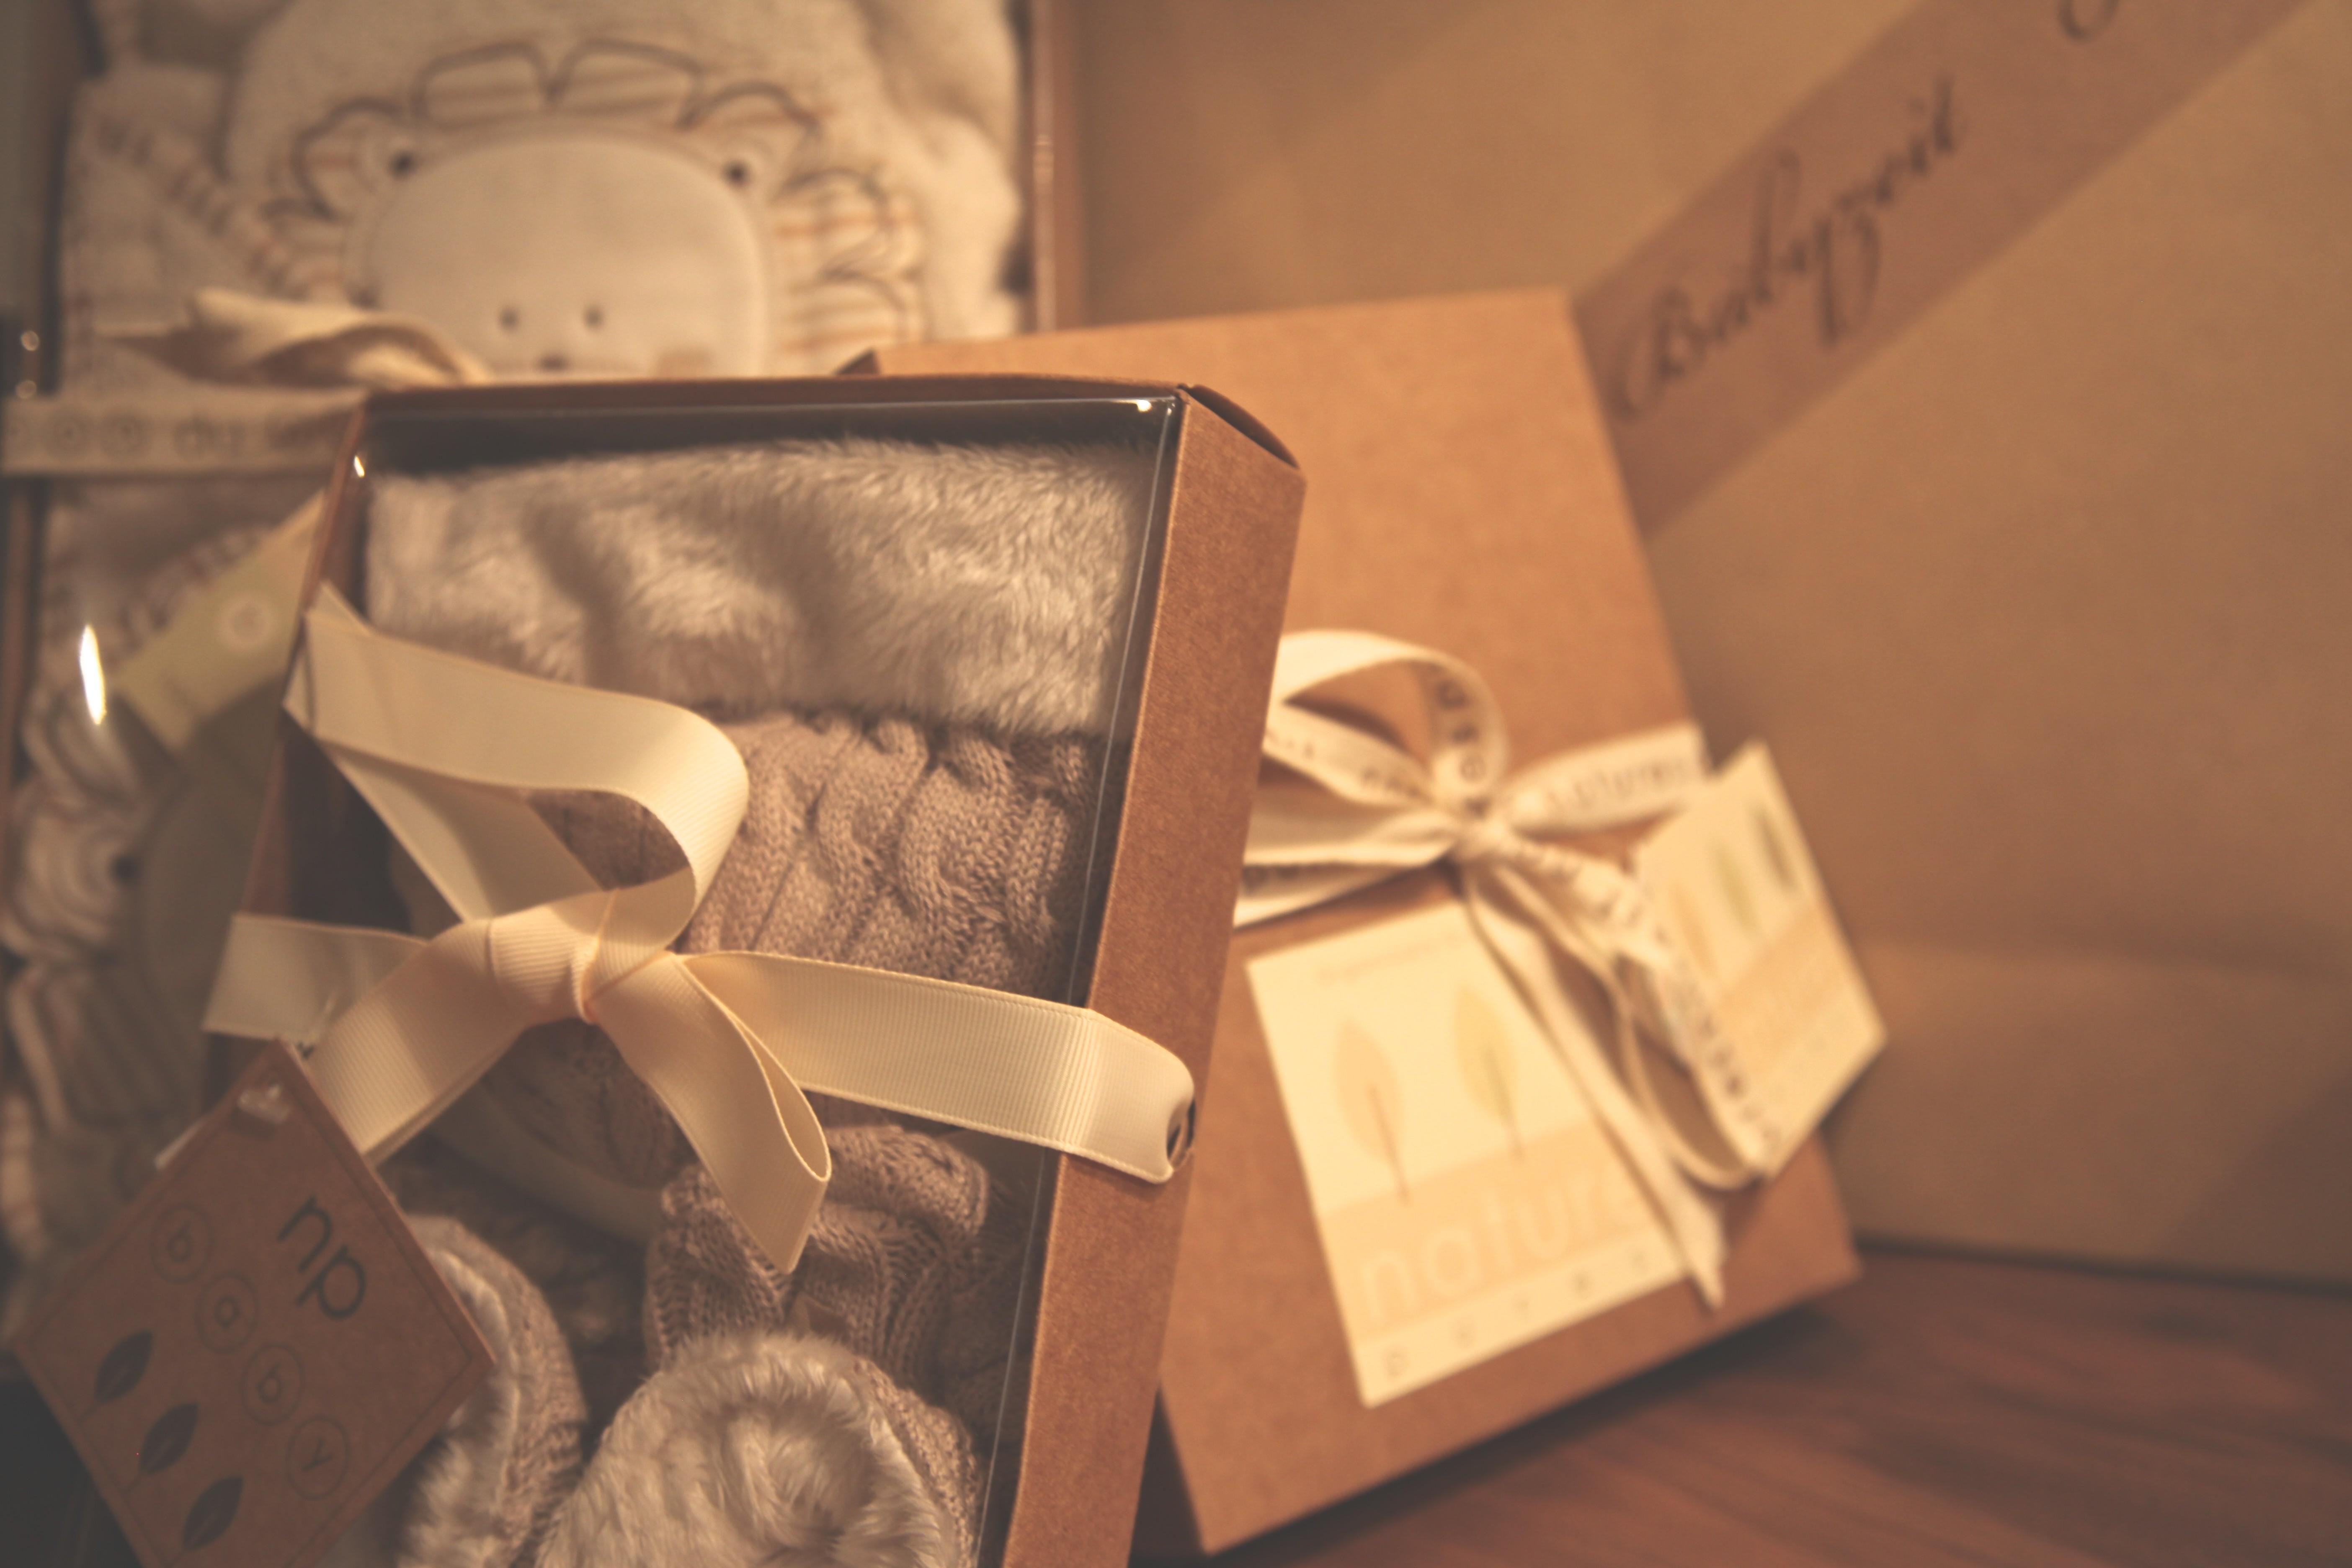 *CHRISTMAS GIVEAWAY* Wer möchte noch mehr Päckchen? Wir verlosen kuschelige Babyträume für die kalte Jahreszeit!